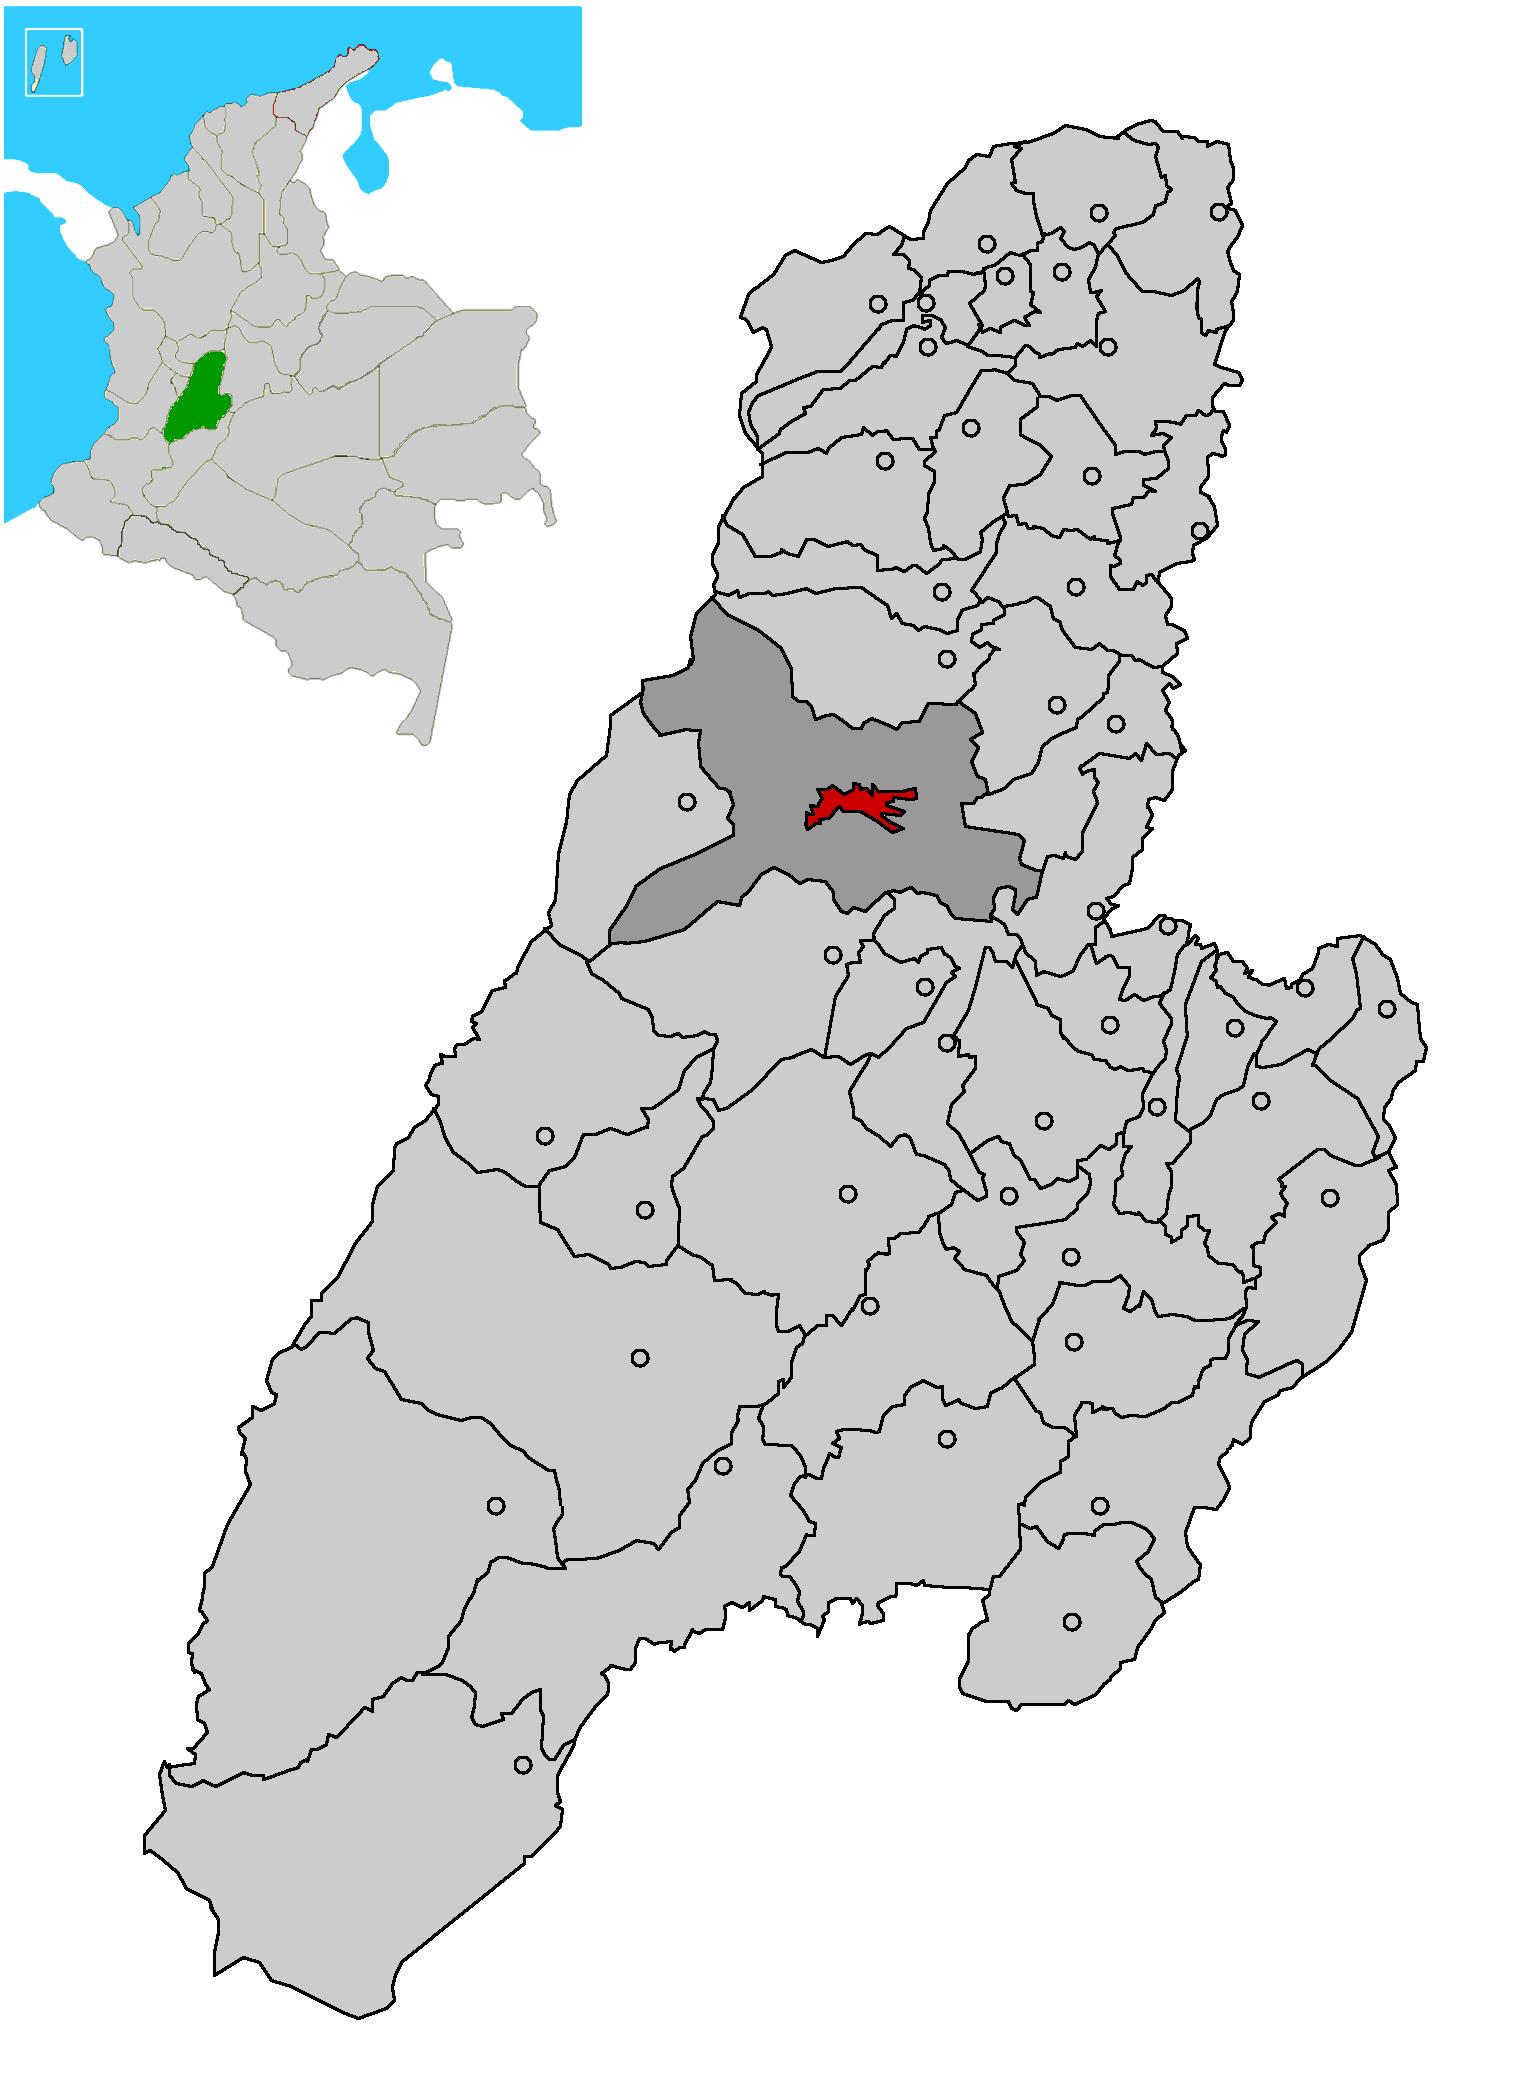 FileMunsTolima Ibaguepng Wikimedia Commons